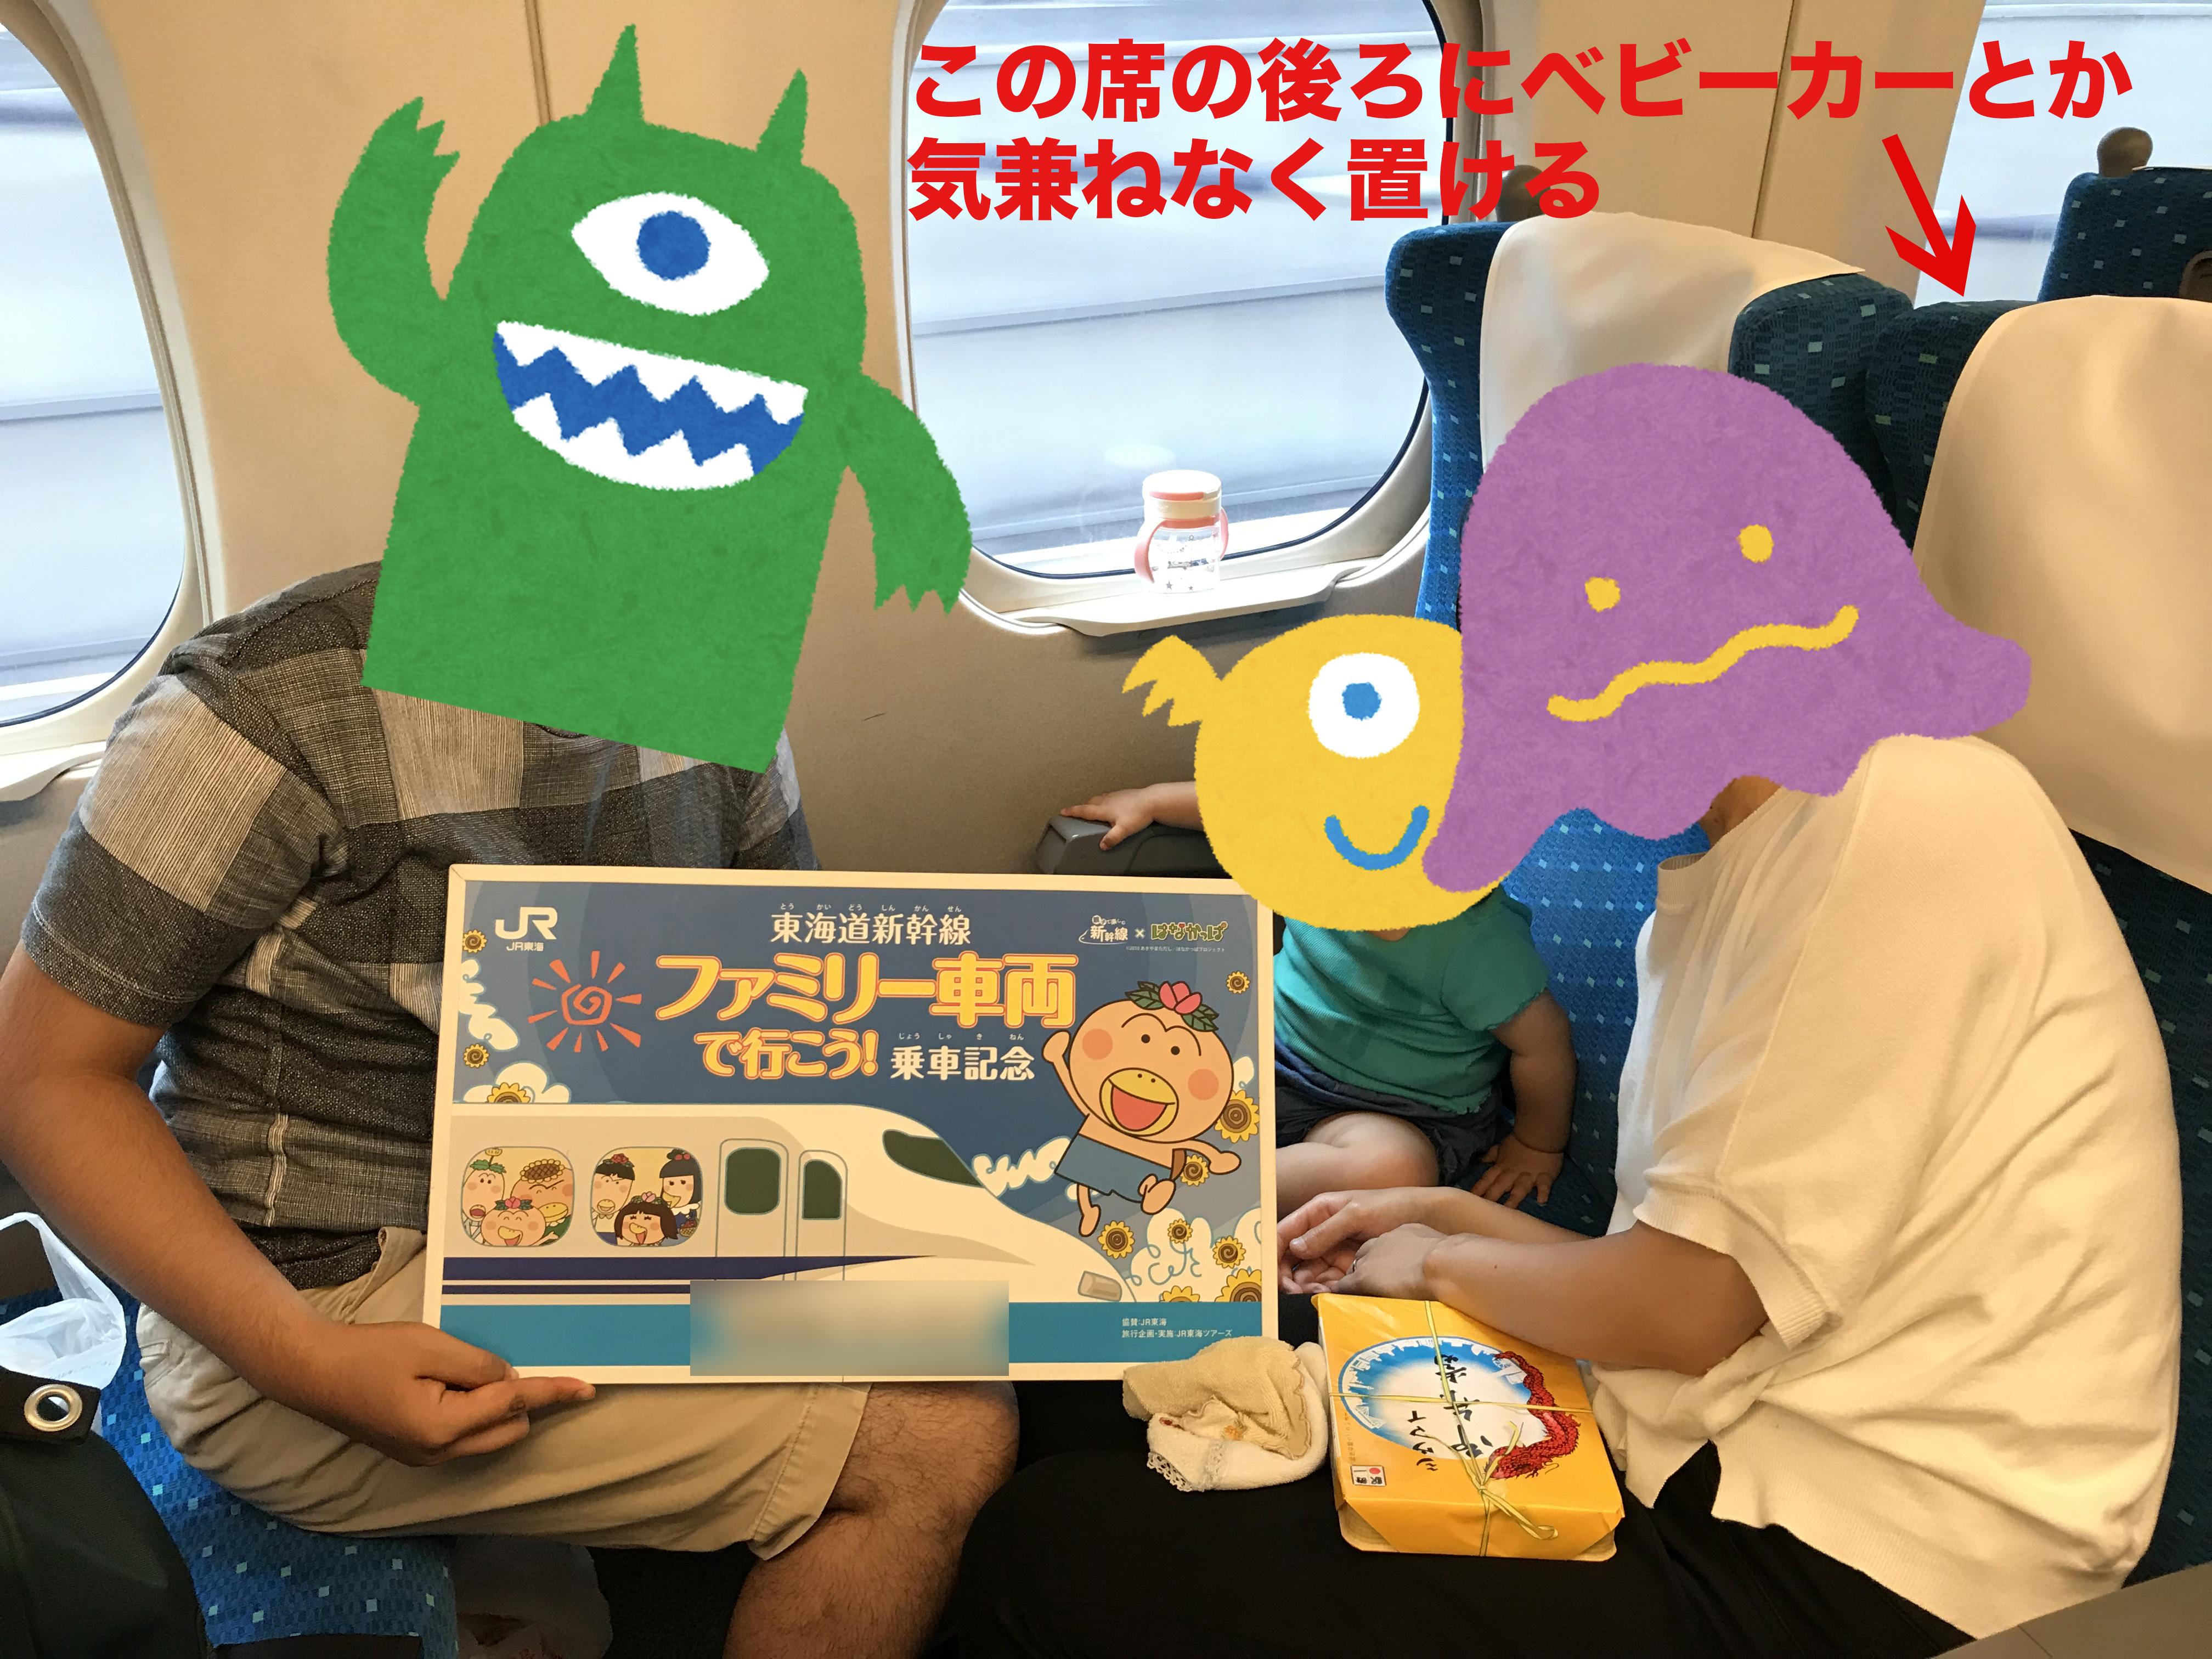 「東海道新幹線ファミリー車両プラン」で子連れ帰省して来ました